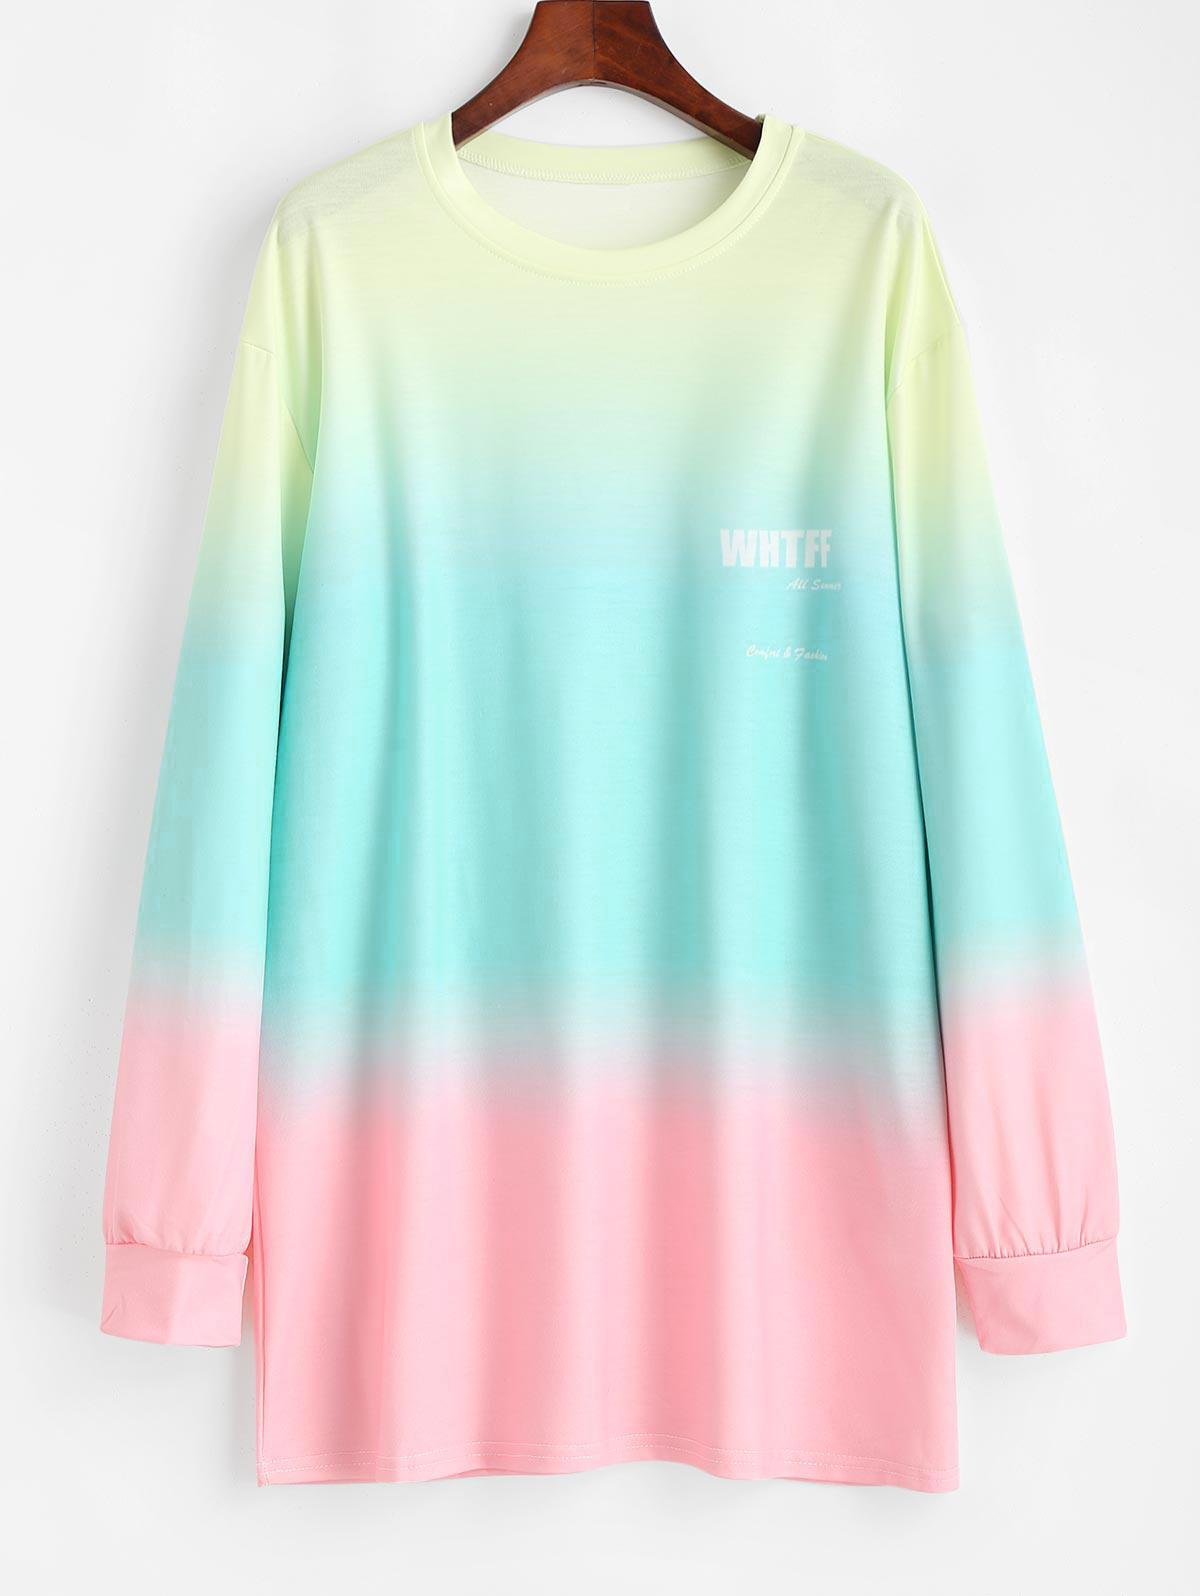 Sweat-shirt Tunique Teinté Ombré Surdimensionné M - Zaful FR - Modalova